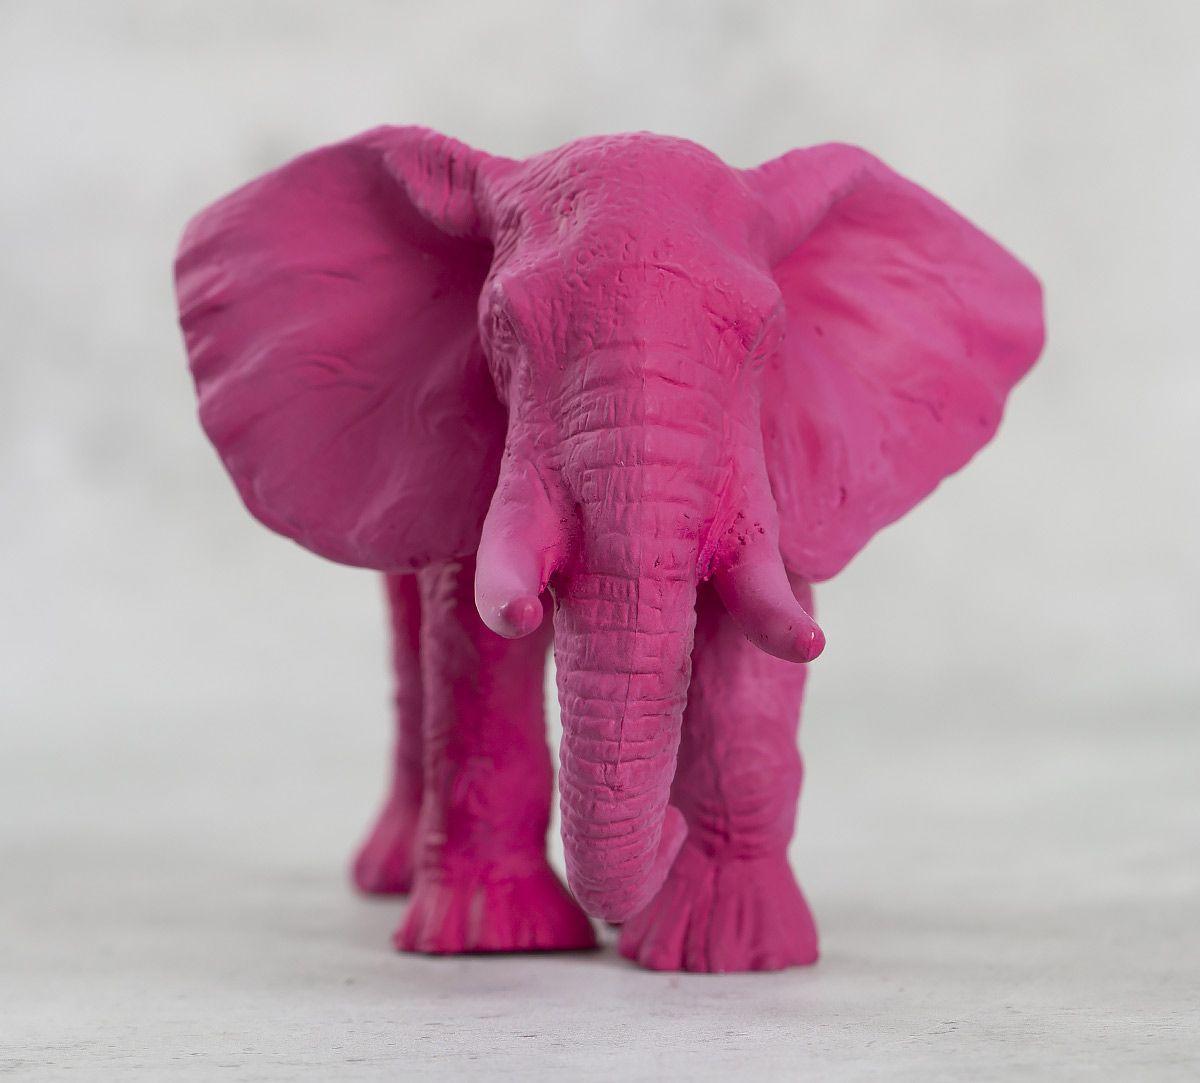 India Circus Magento Baby Elephant Figurine